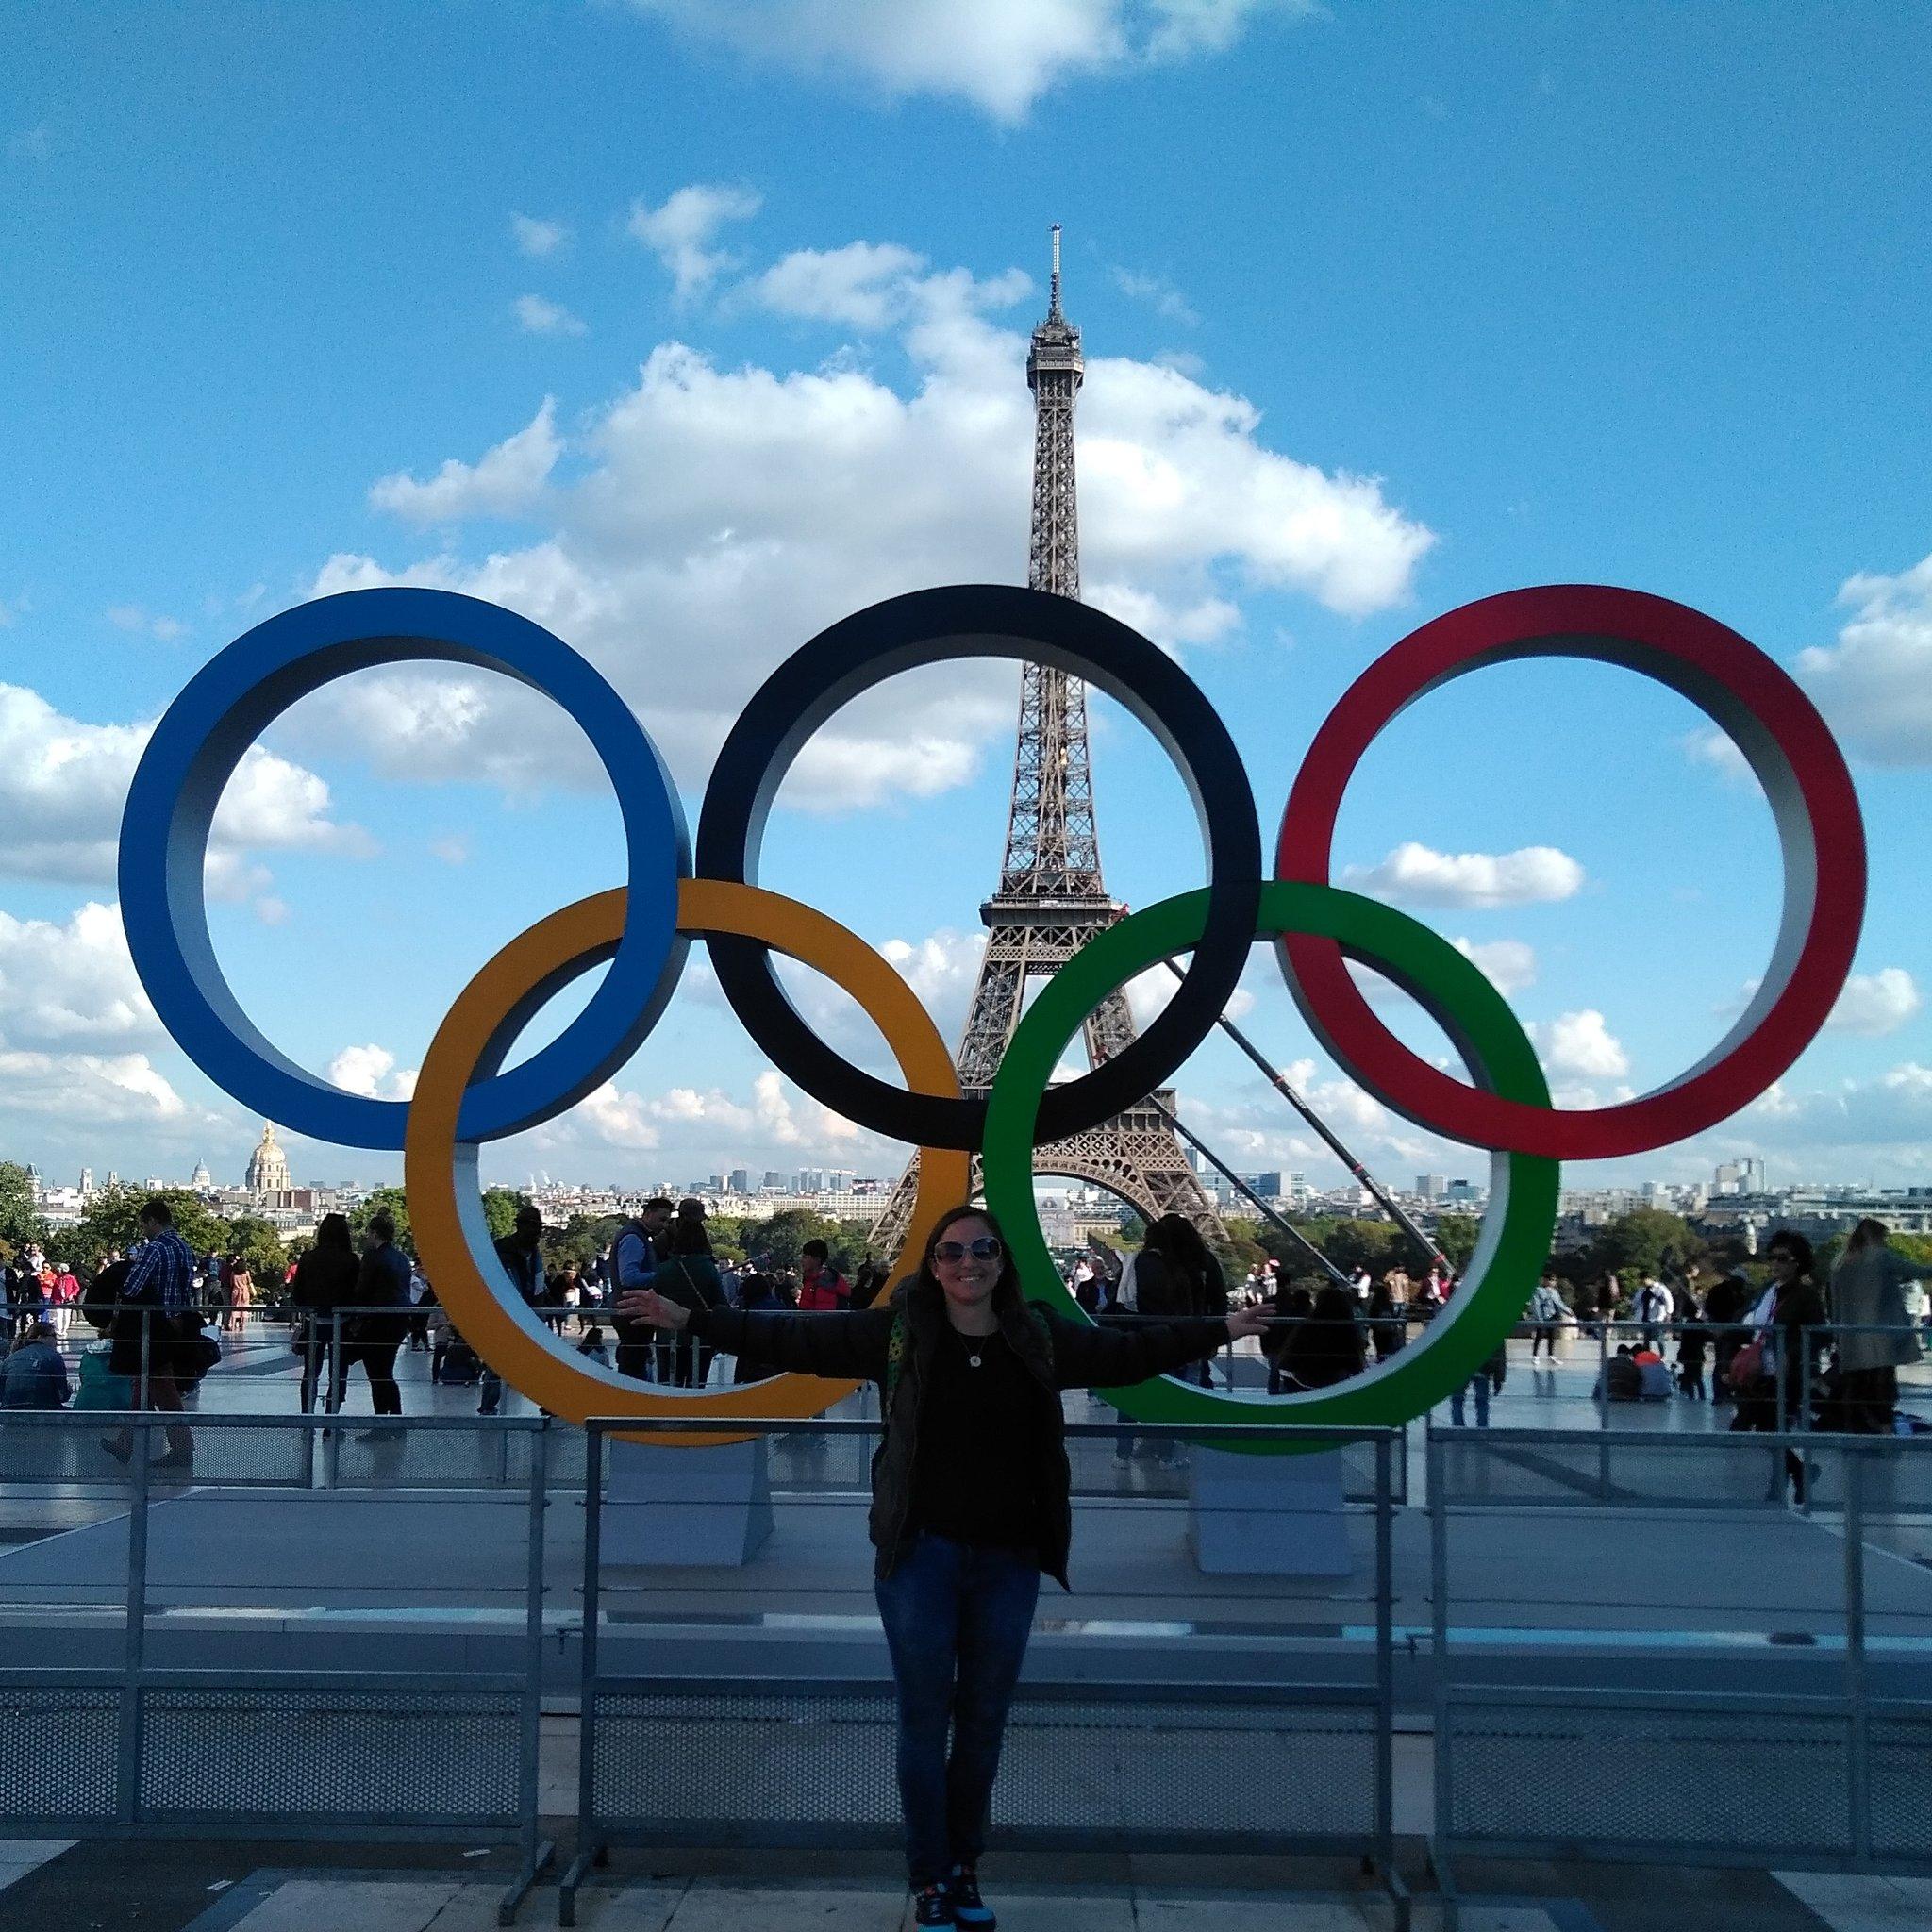 En #París donde ya se respira el espíritu olímpico #Paris2024 fue designada en #Lima hace unos días https://t.co/cOXhVSXIbW